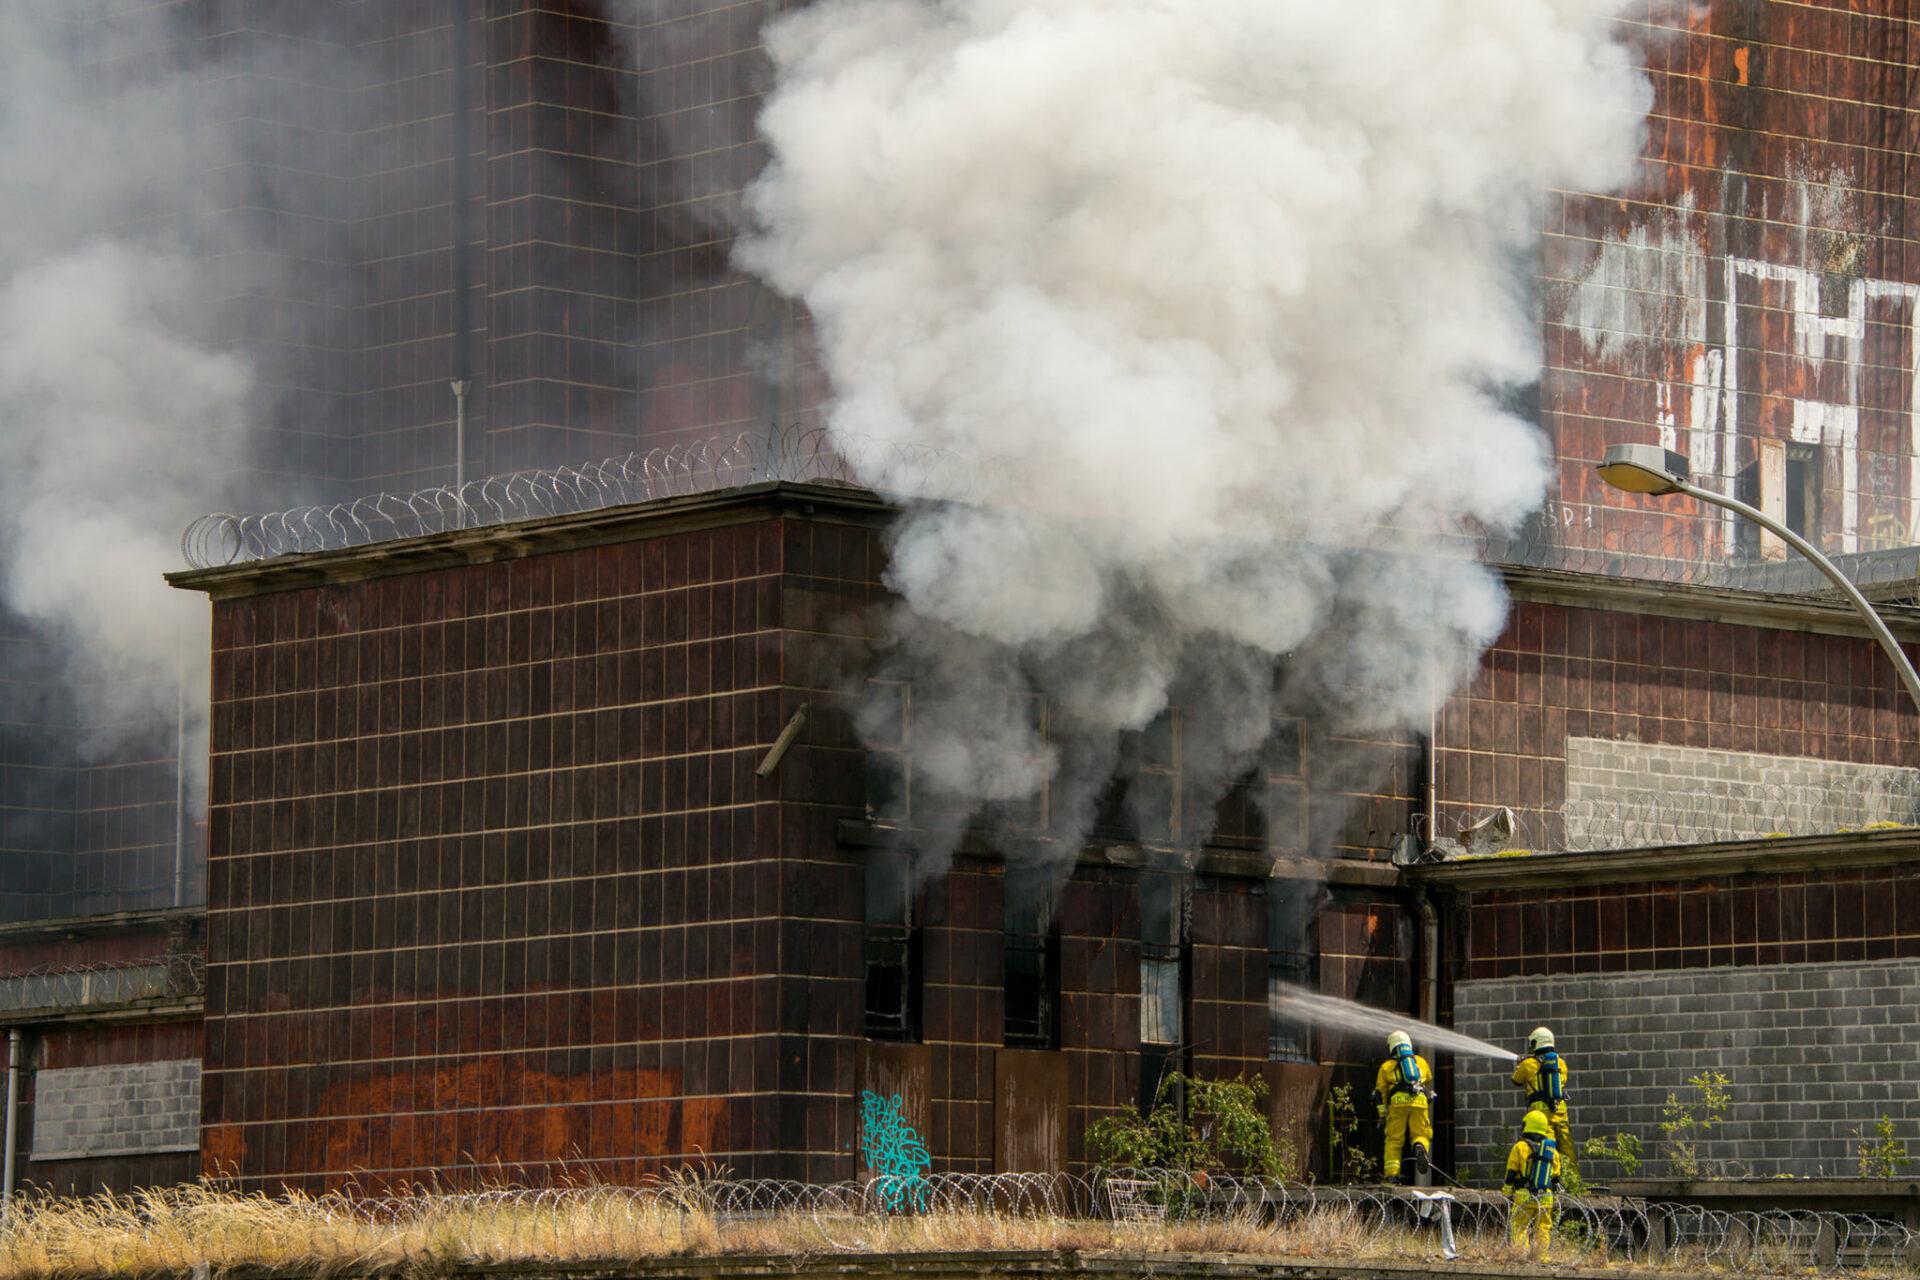 Incendie à l'ancienne patinoire de Coronmeuse: le Palais des Sports a failli être fortement dégradé